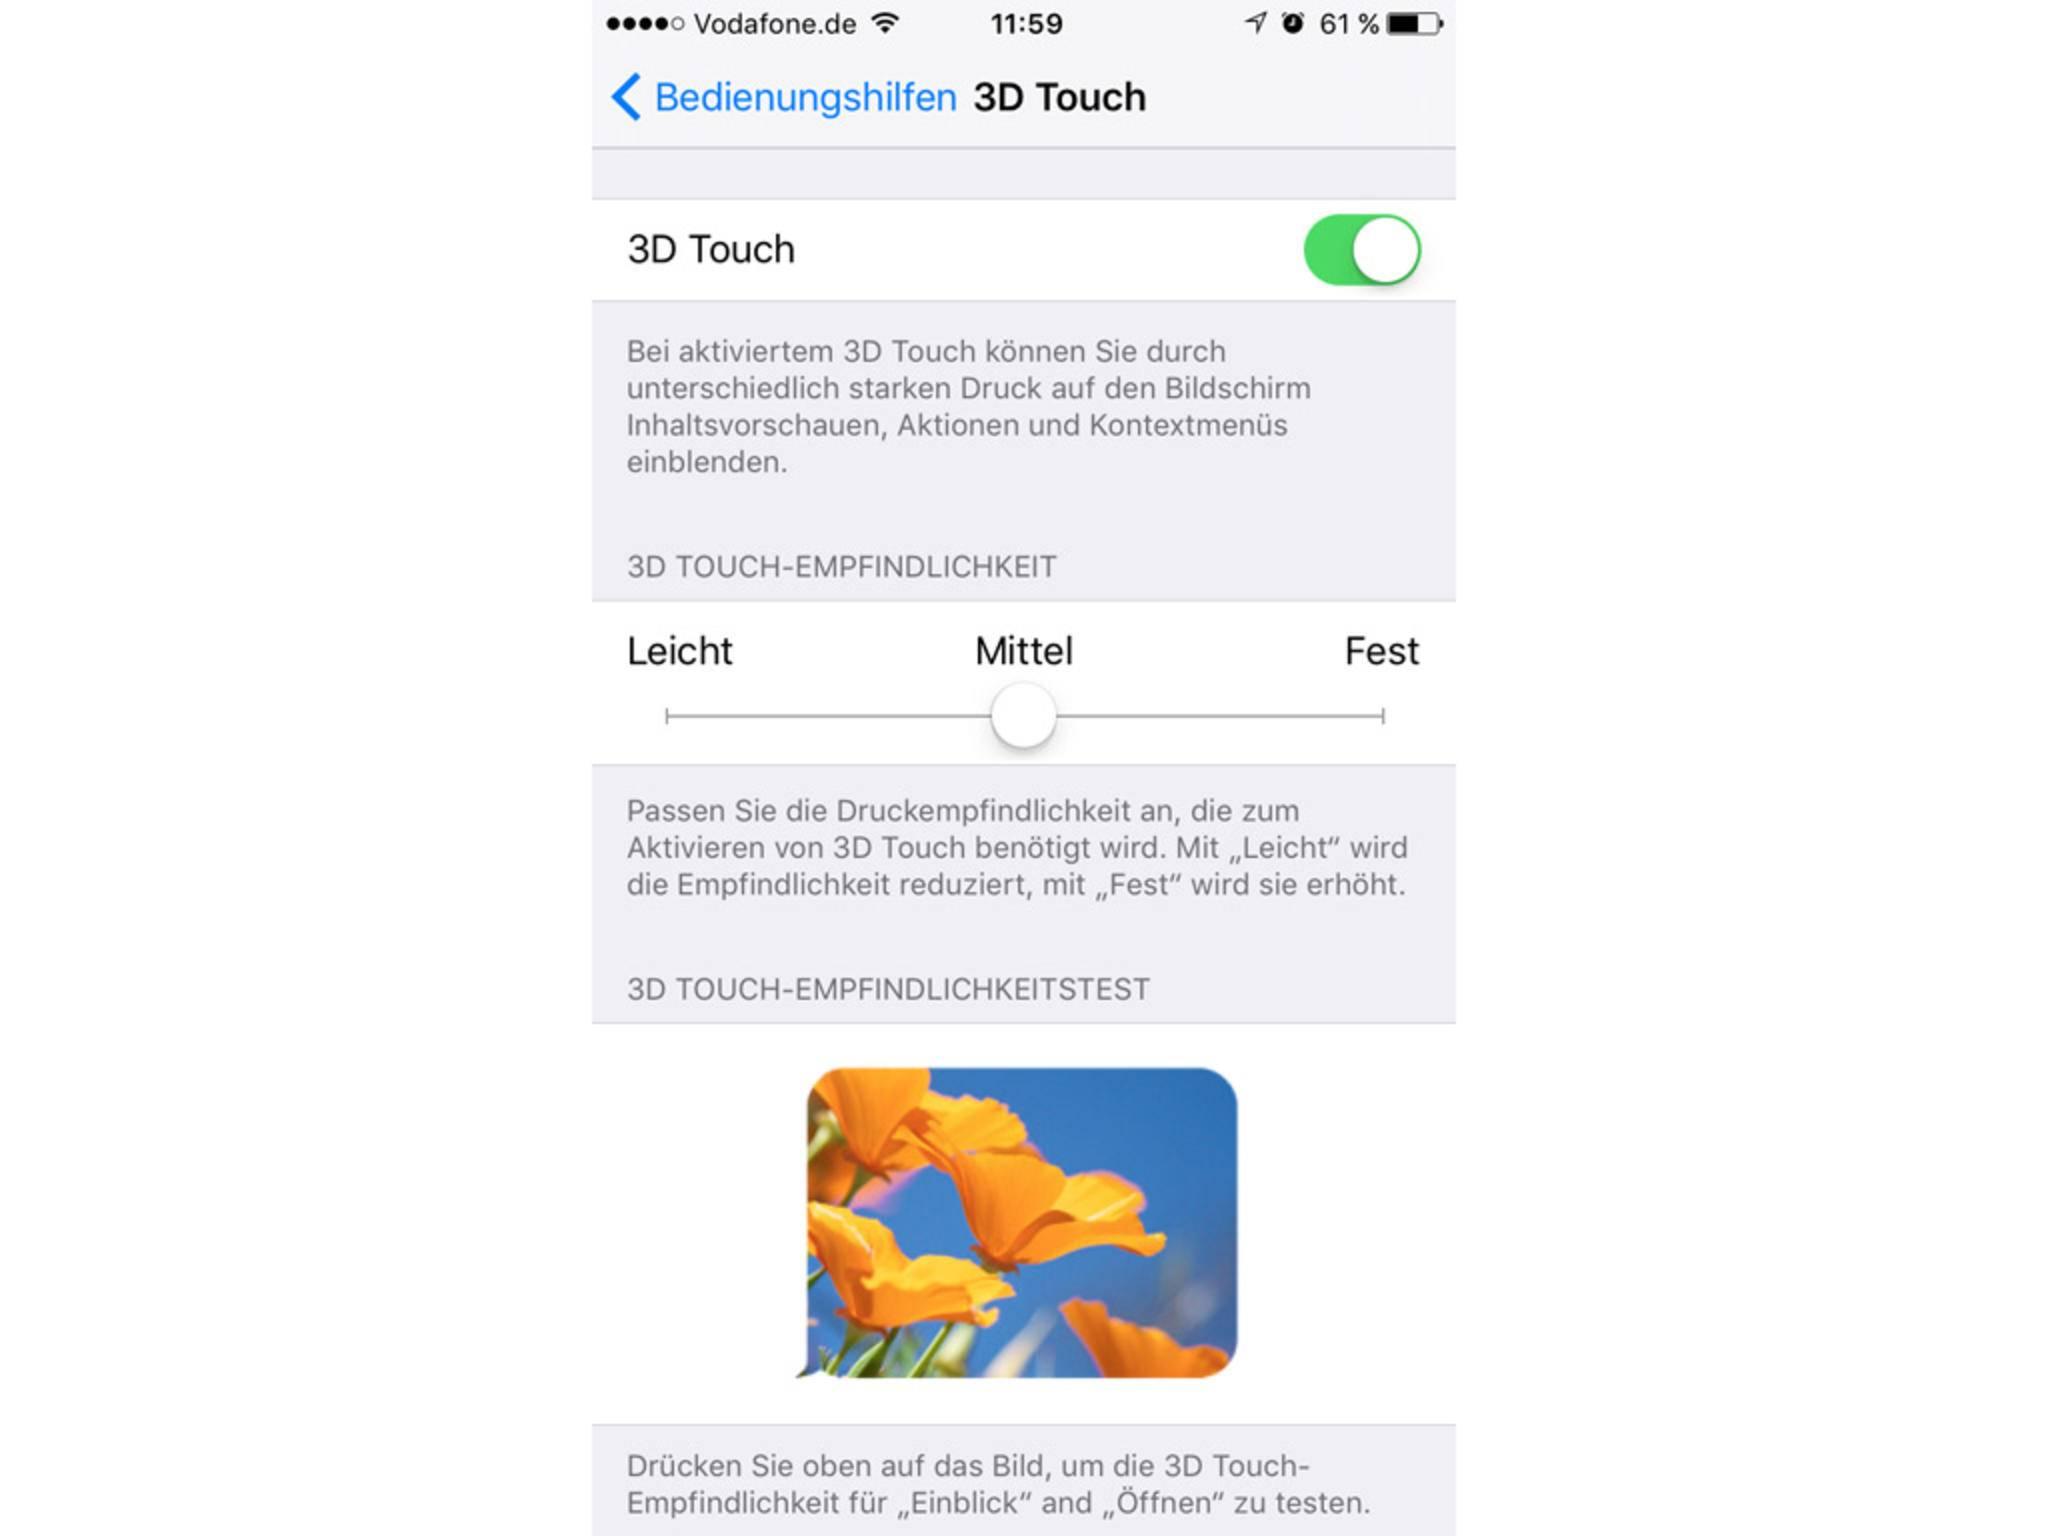 Die Berührungsempfindlichkeit für 3D Touch lässt sich einstellen.